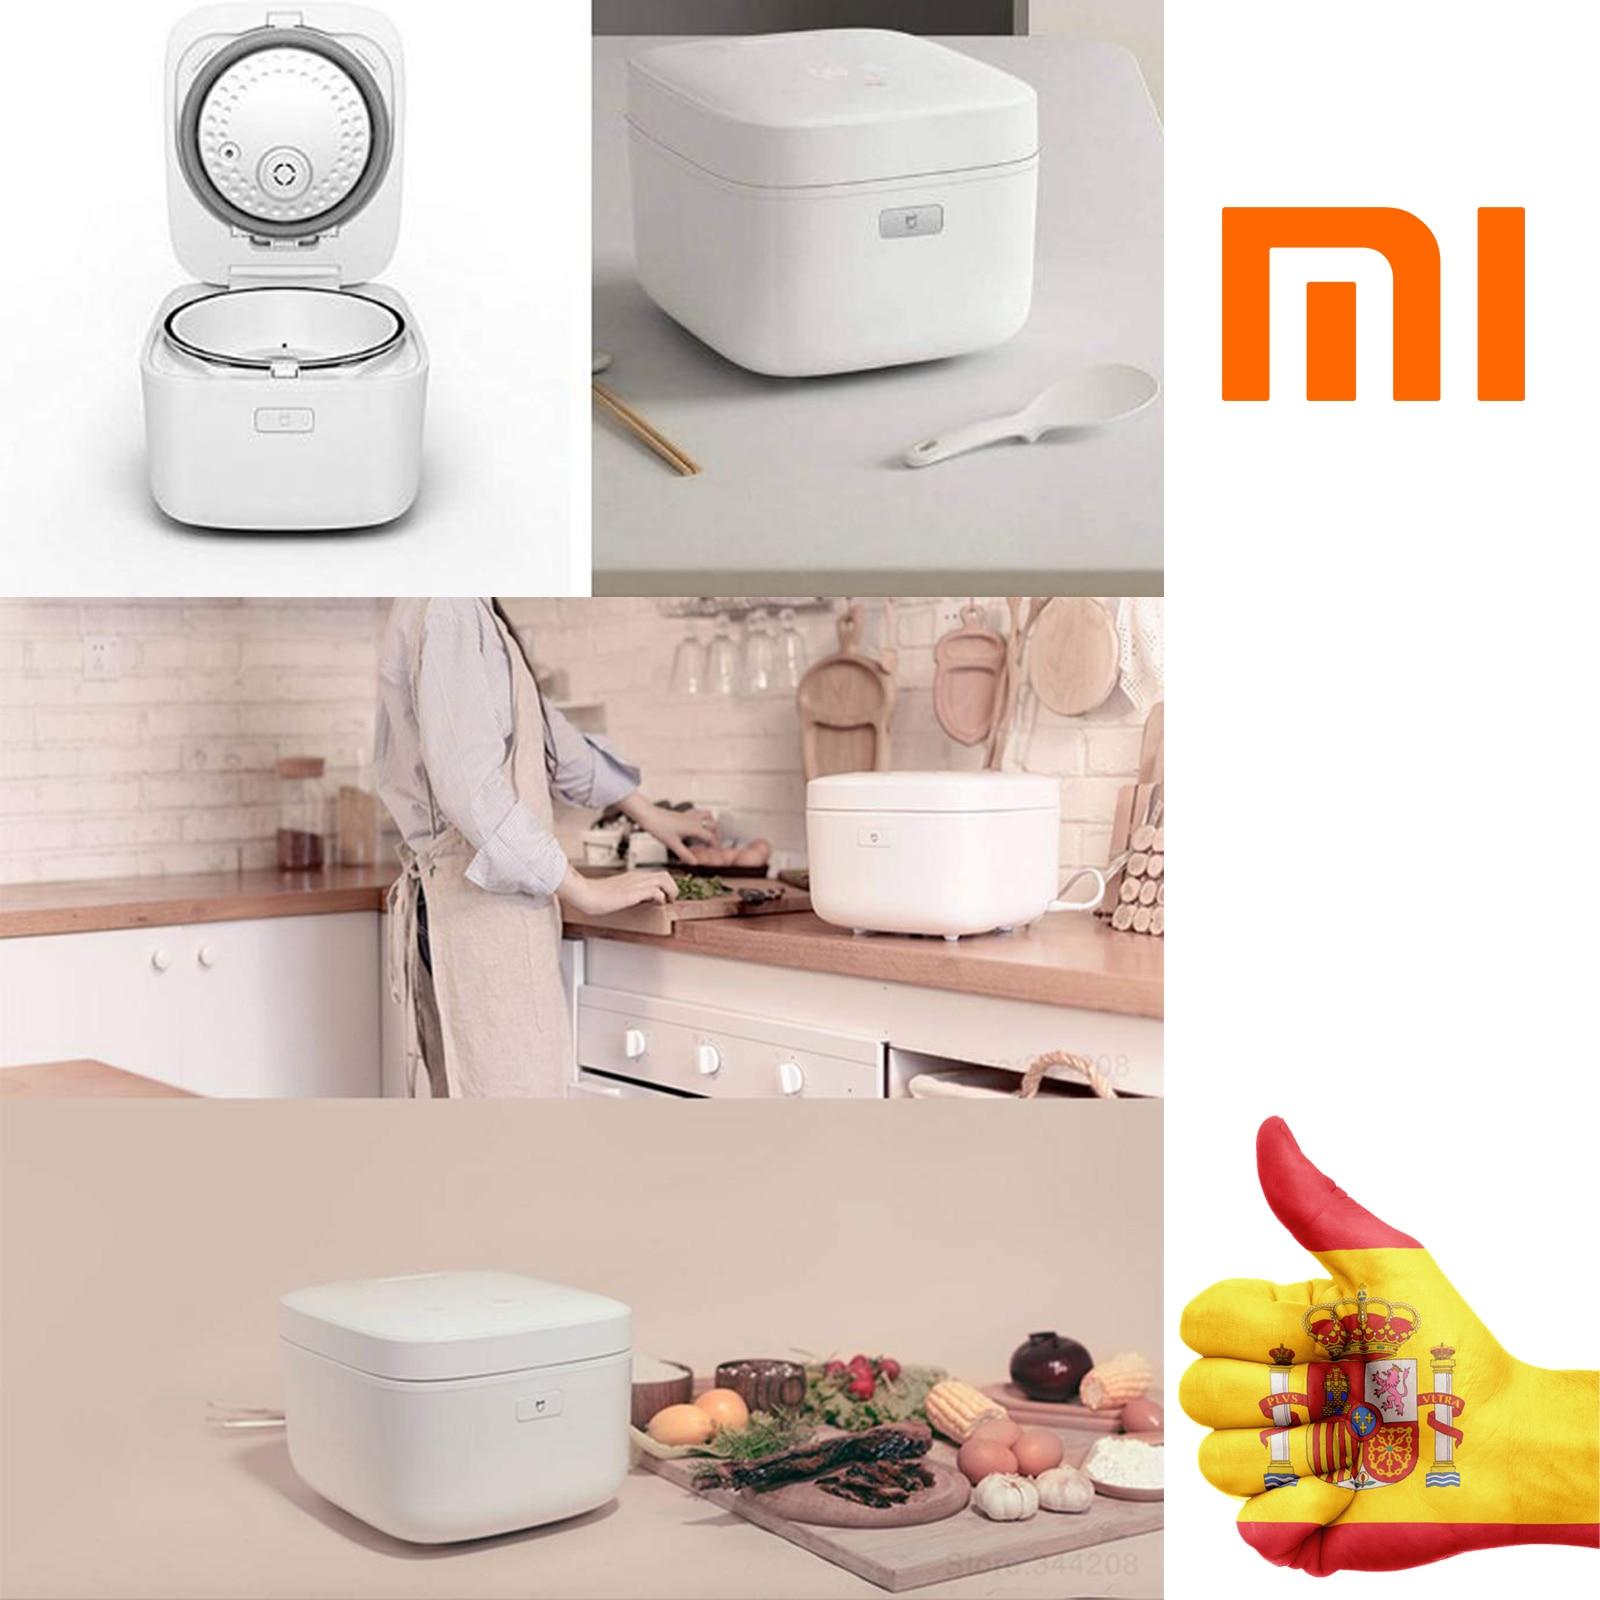 XIAOMI Пароварка для риса умная, индукционная нагревательная рисоварка оригинальная функция приложения кнопки дистанционного управления IH - 5